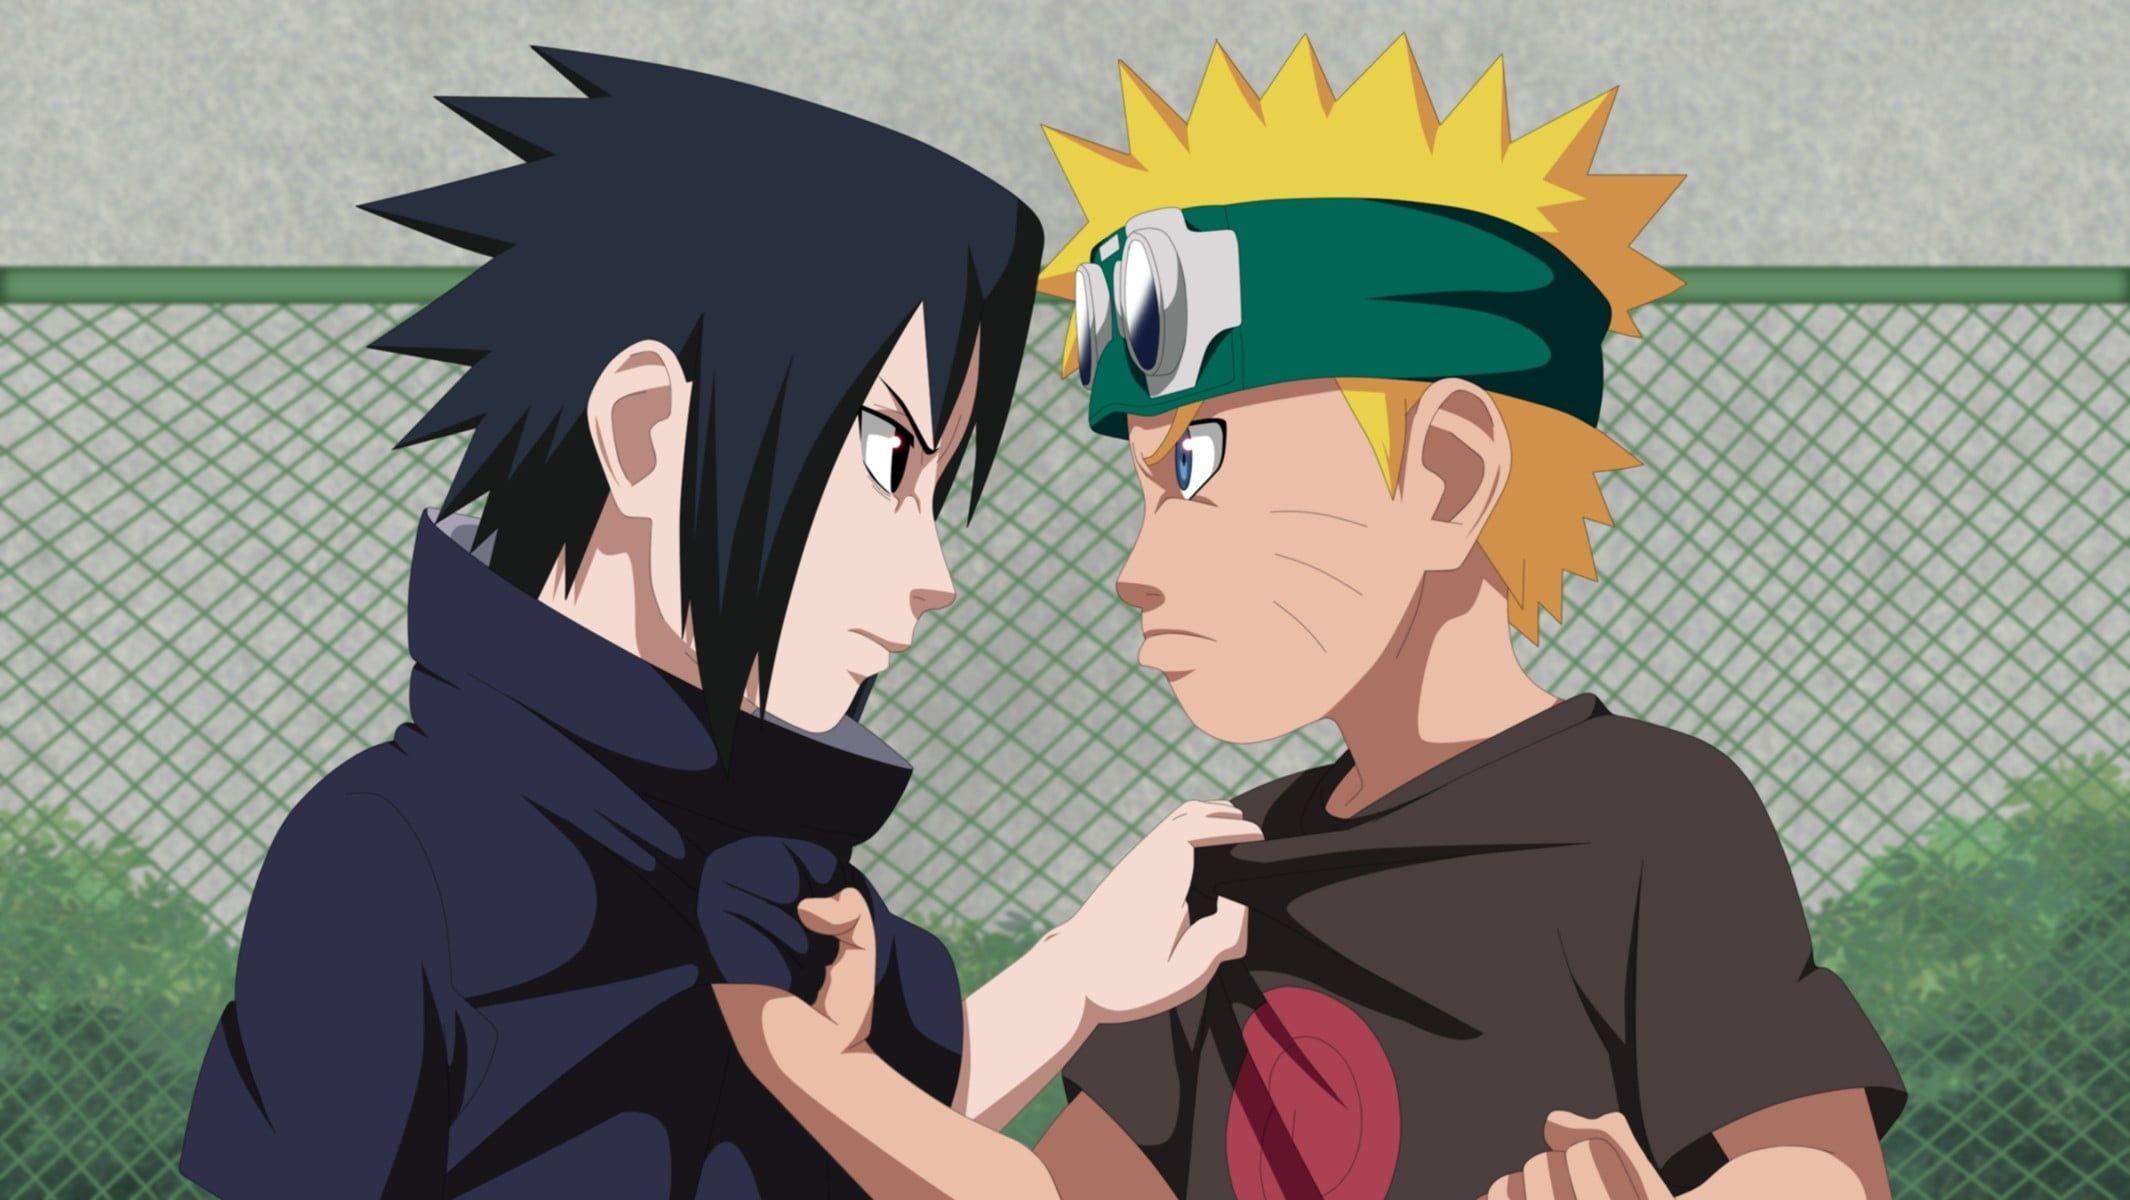 Uzumaki Naruto And Uchiha Sasuke Naruto Anime Boy Sasuke Ninja Manga Shinobi Naruto Shippuden Naruto Vs Sasuke Arte De Naruto Fotos De Naruto Shippuden